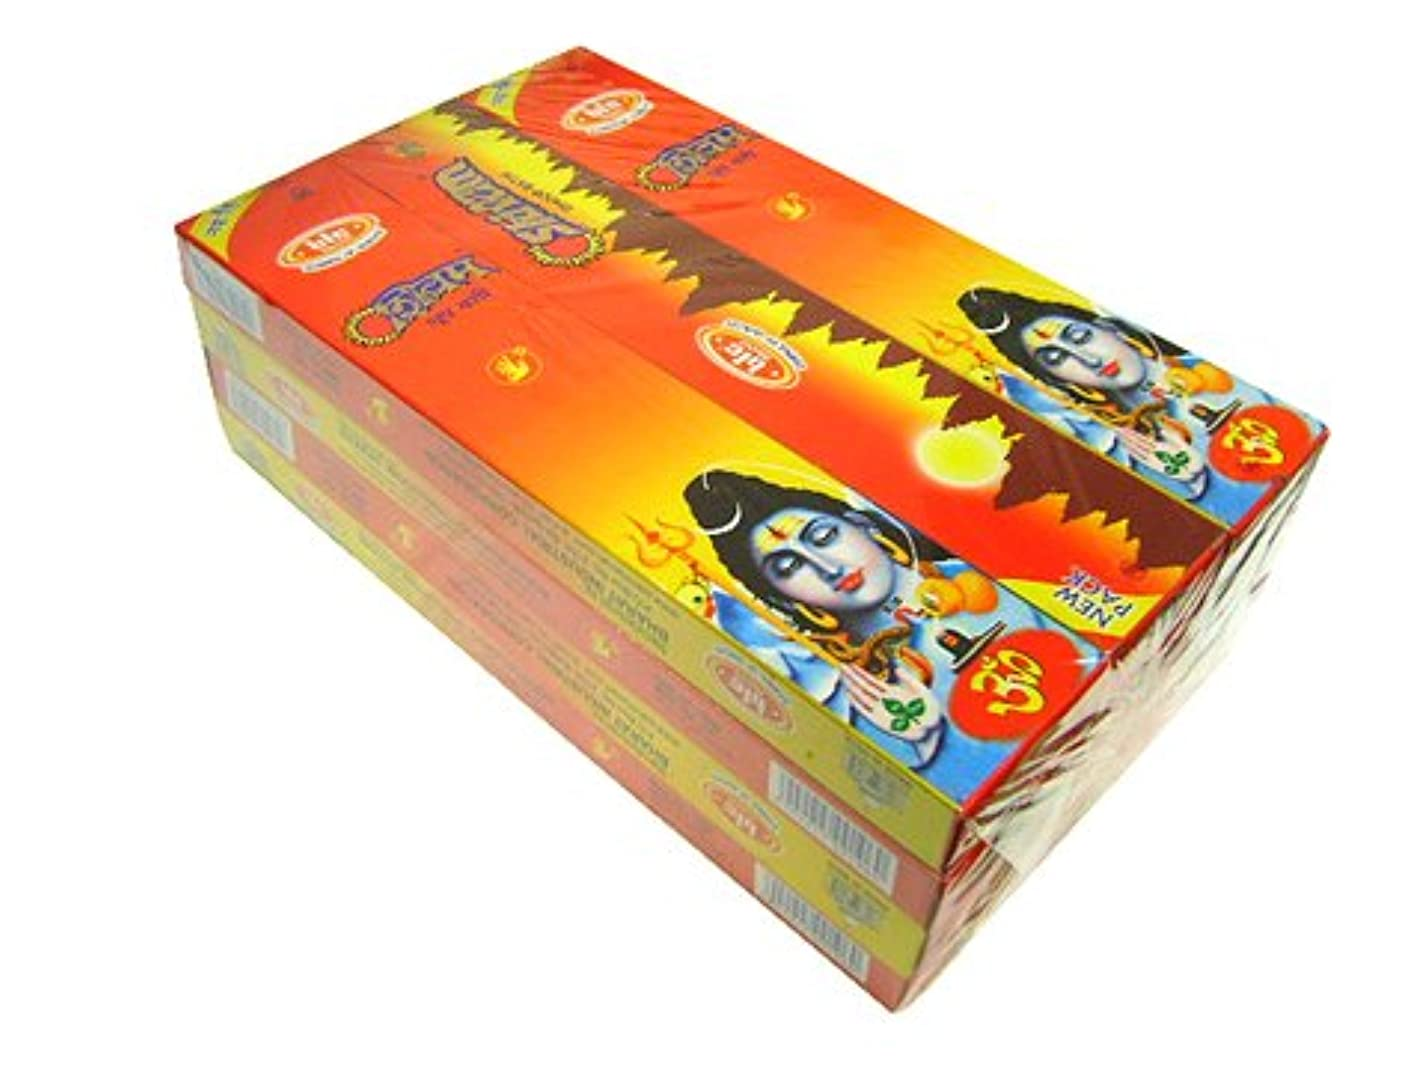 ソケット繁殖立方体BIC(ビック) シヴァム香(レギュラーボックス) スティック SHIVAM REG BOX 12箱セット